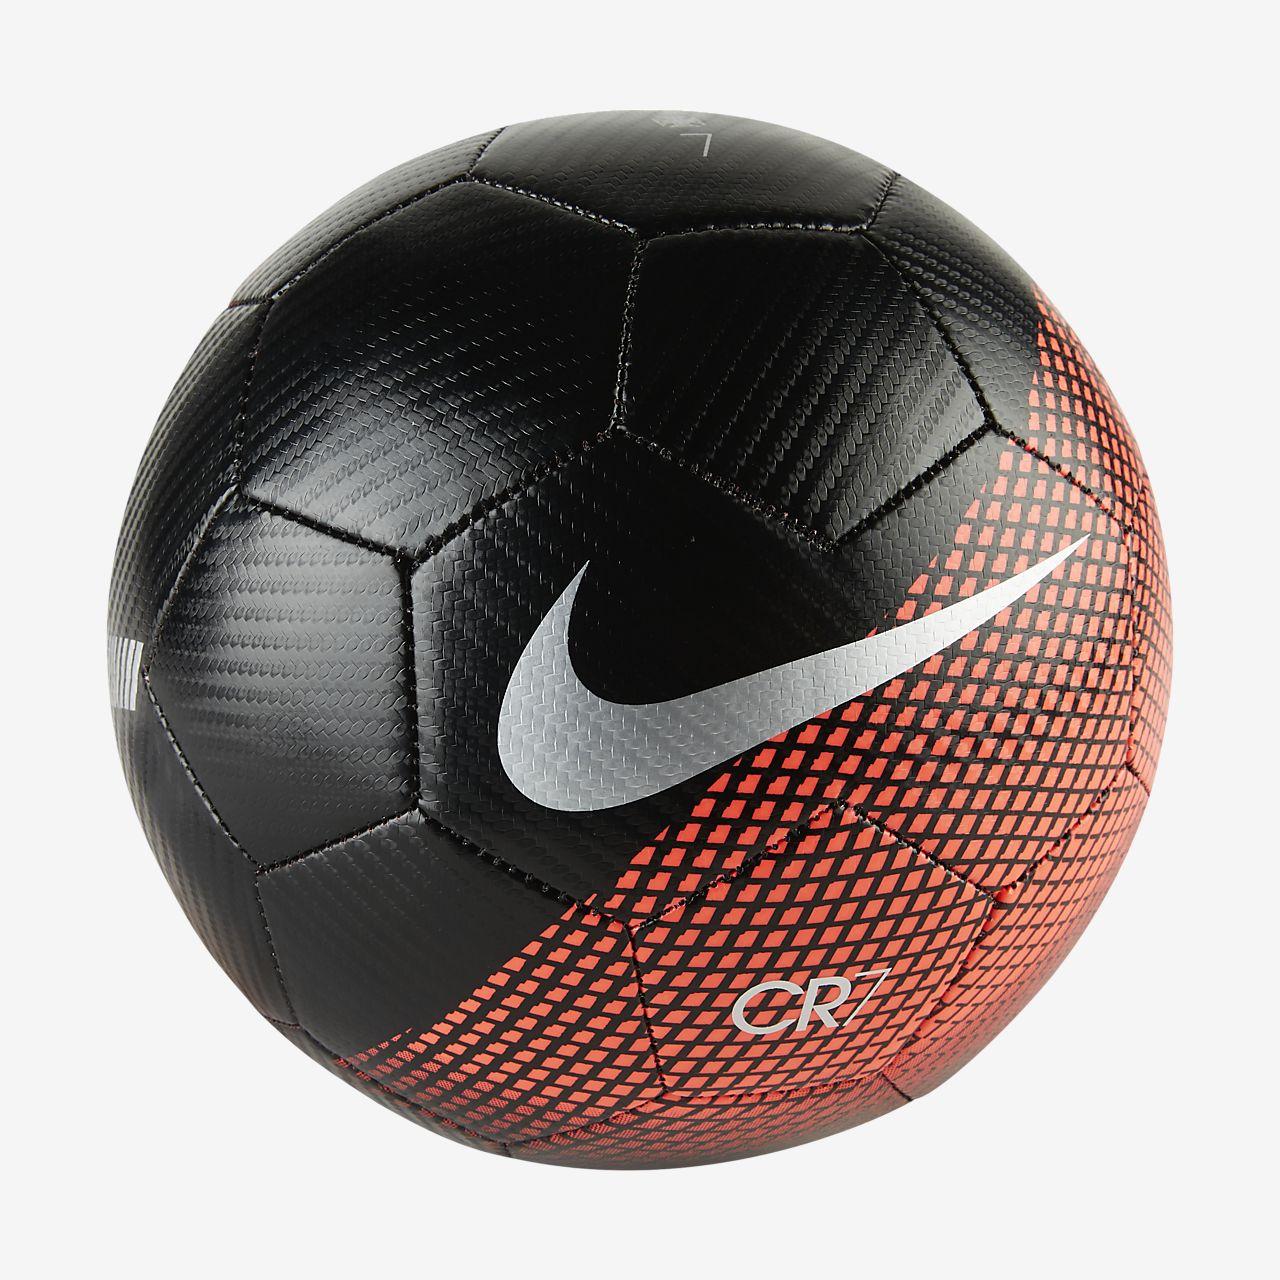 Pallone da calcio Nike CR7 Prestige